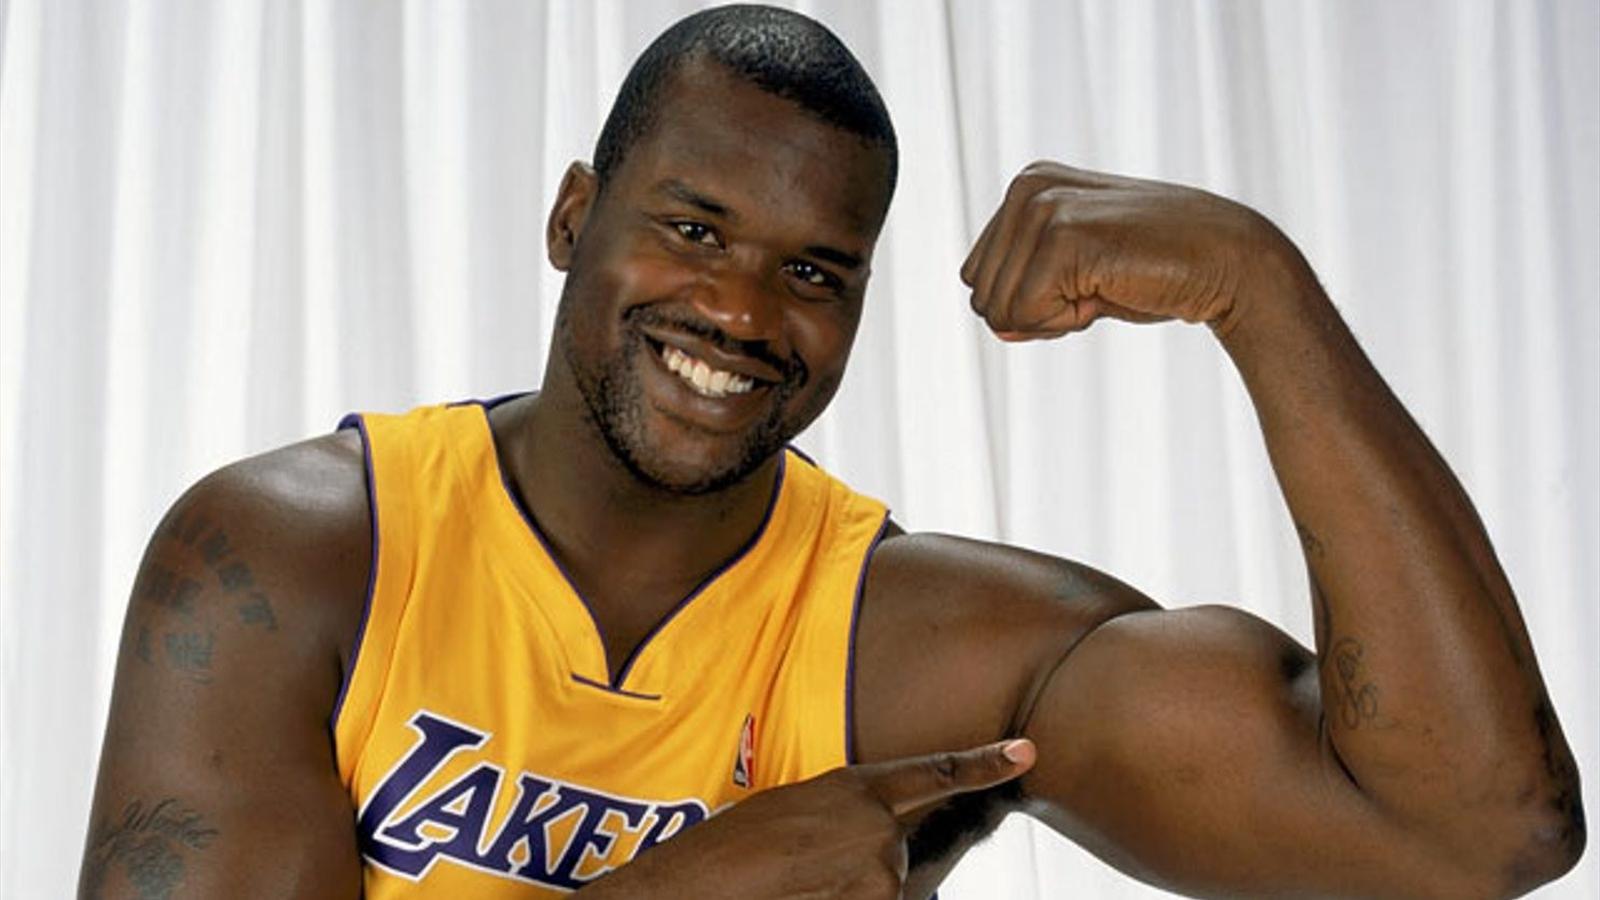 Миниатюрная репортёрша сравнила свою руку с рукой баскетболиста nba